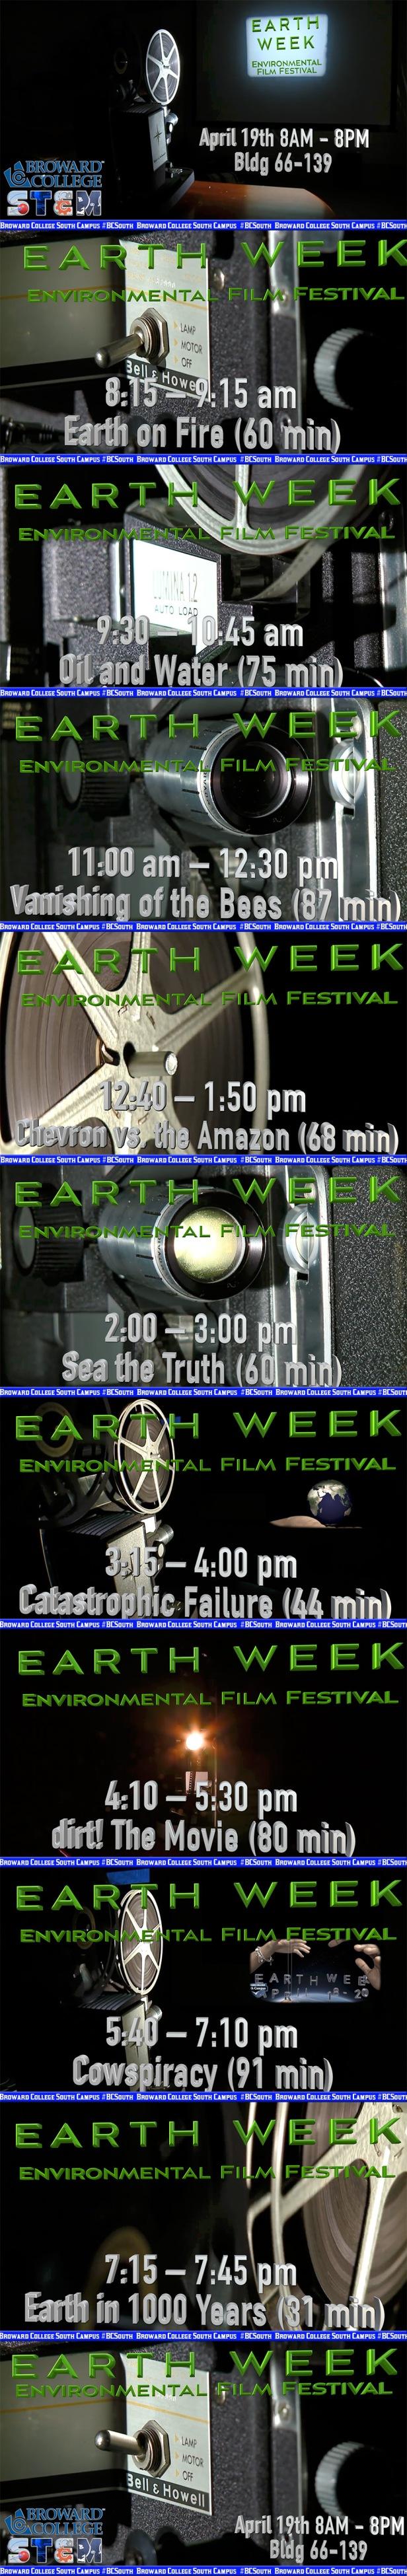 EarthWeekBCblogPagesV2